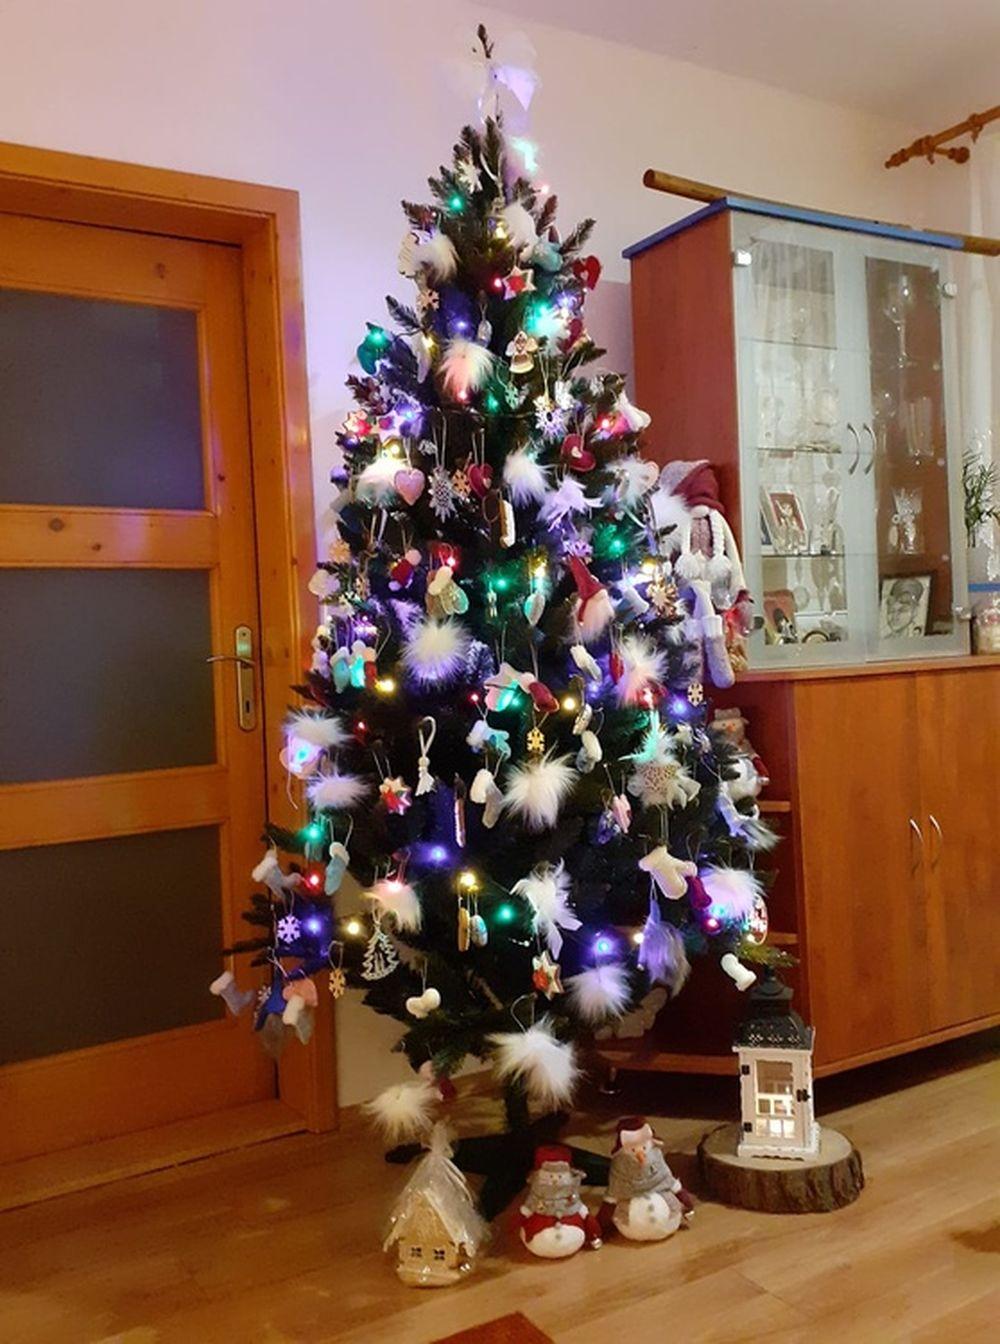 FOTO: Vianočné stromčeky v Žiline - výber fotografií našich čitateľov, foto 49